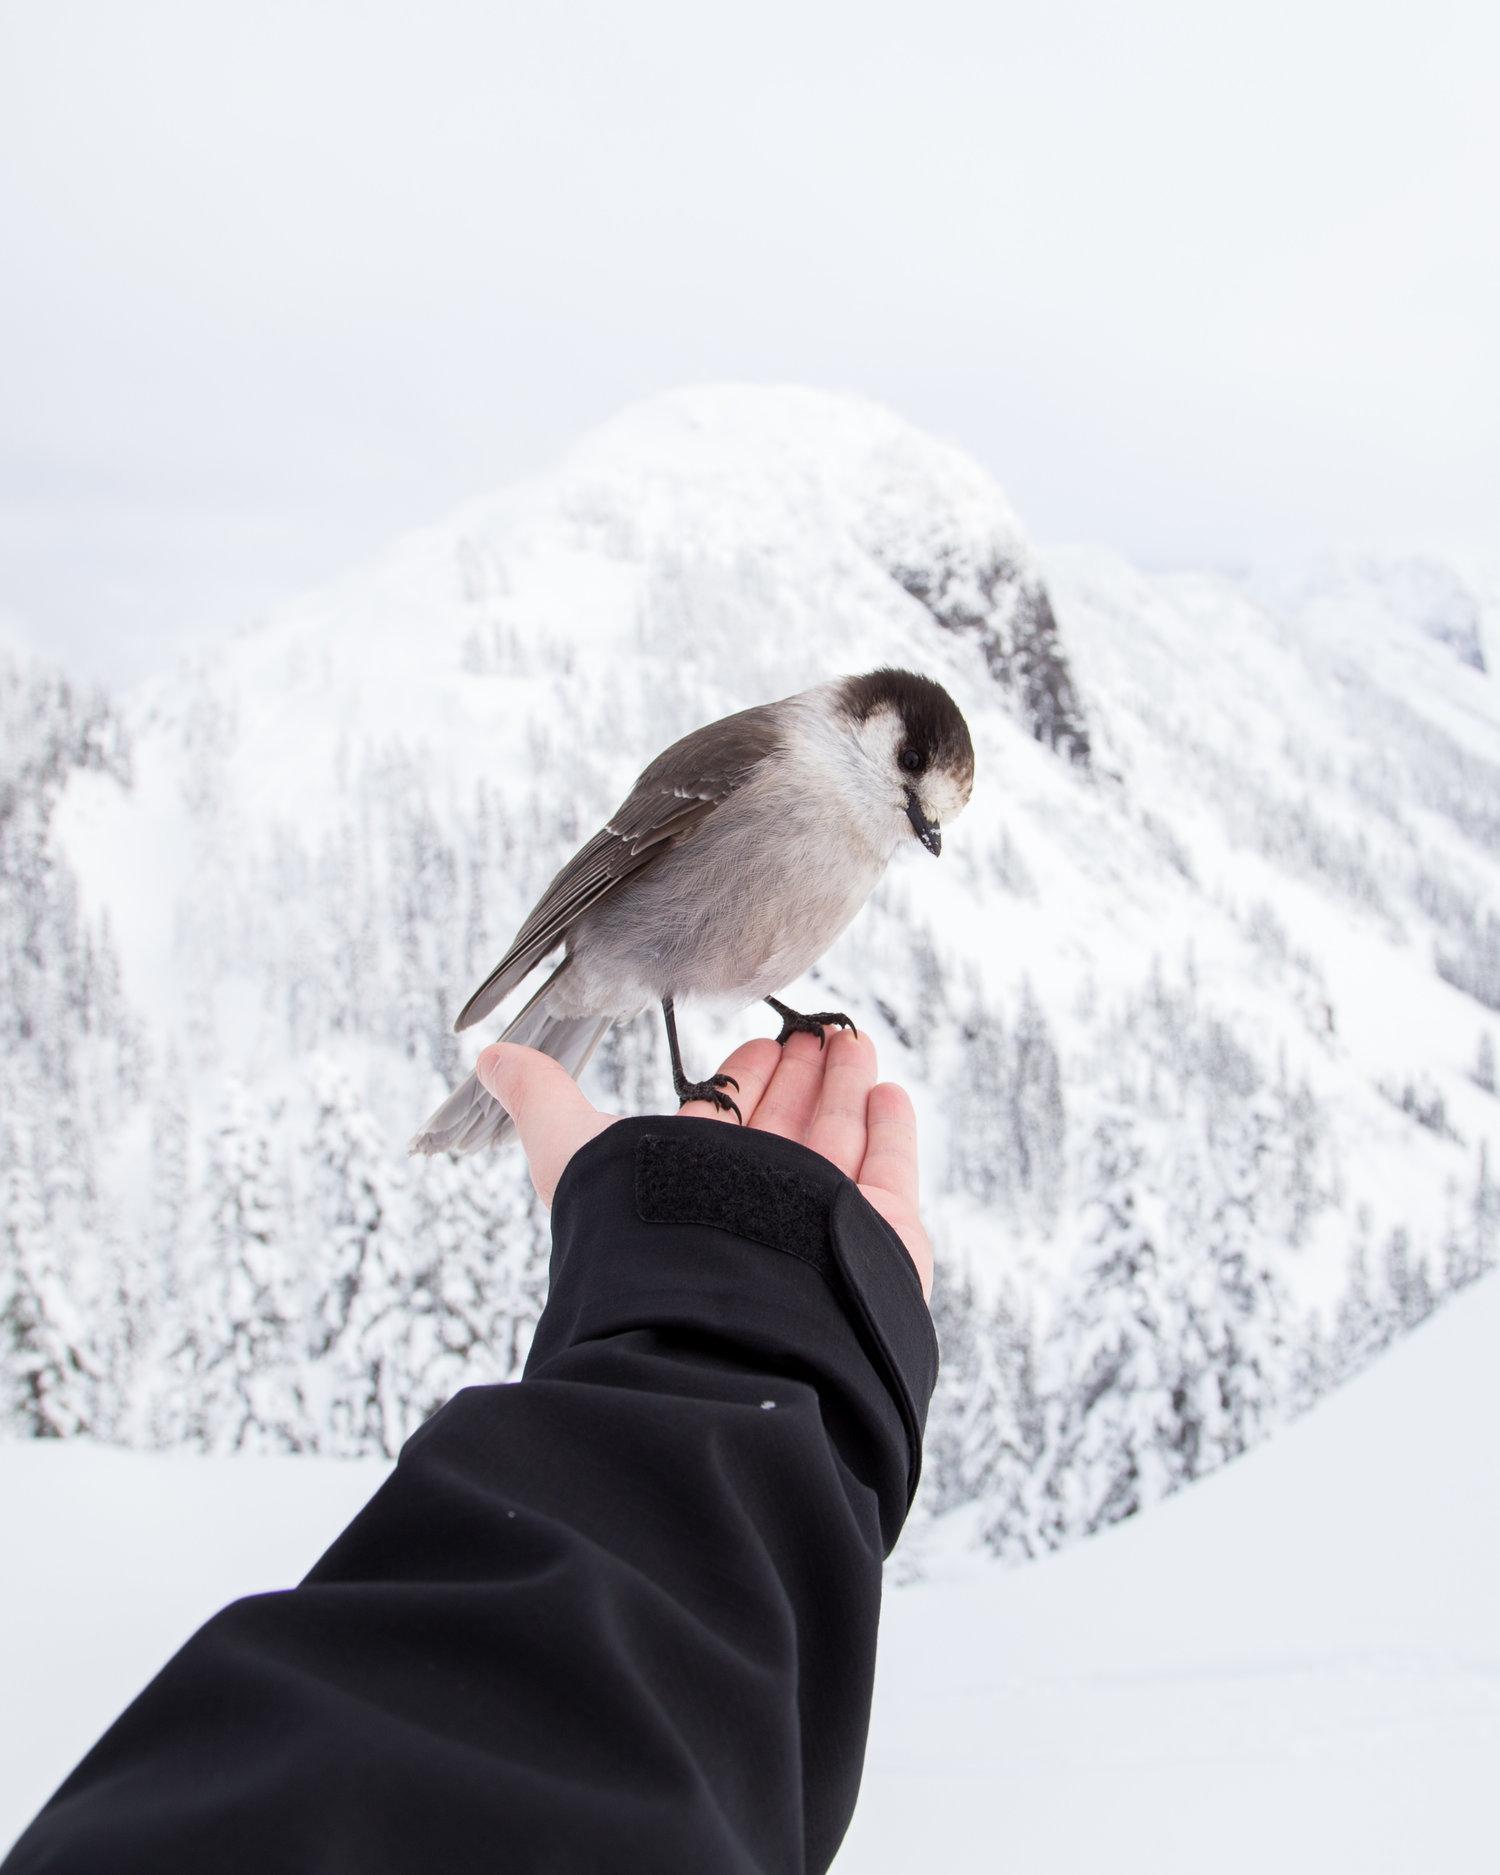 bird animal ethics.jpeg